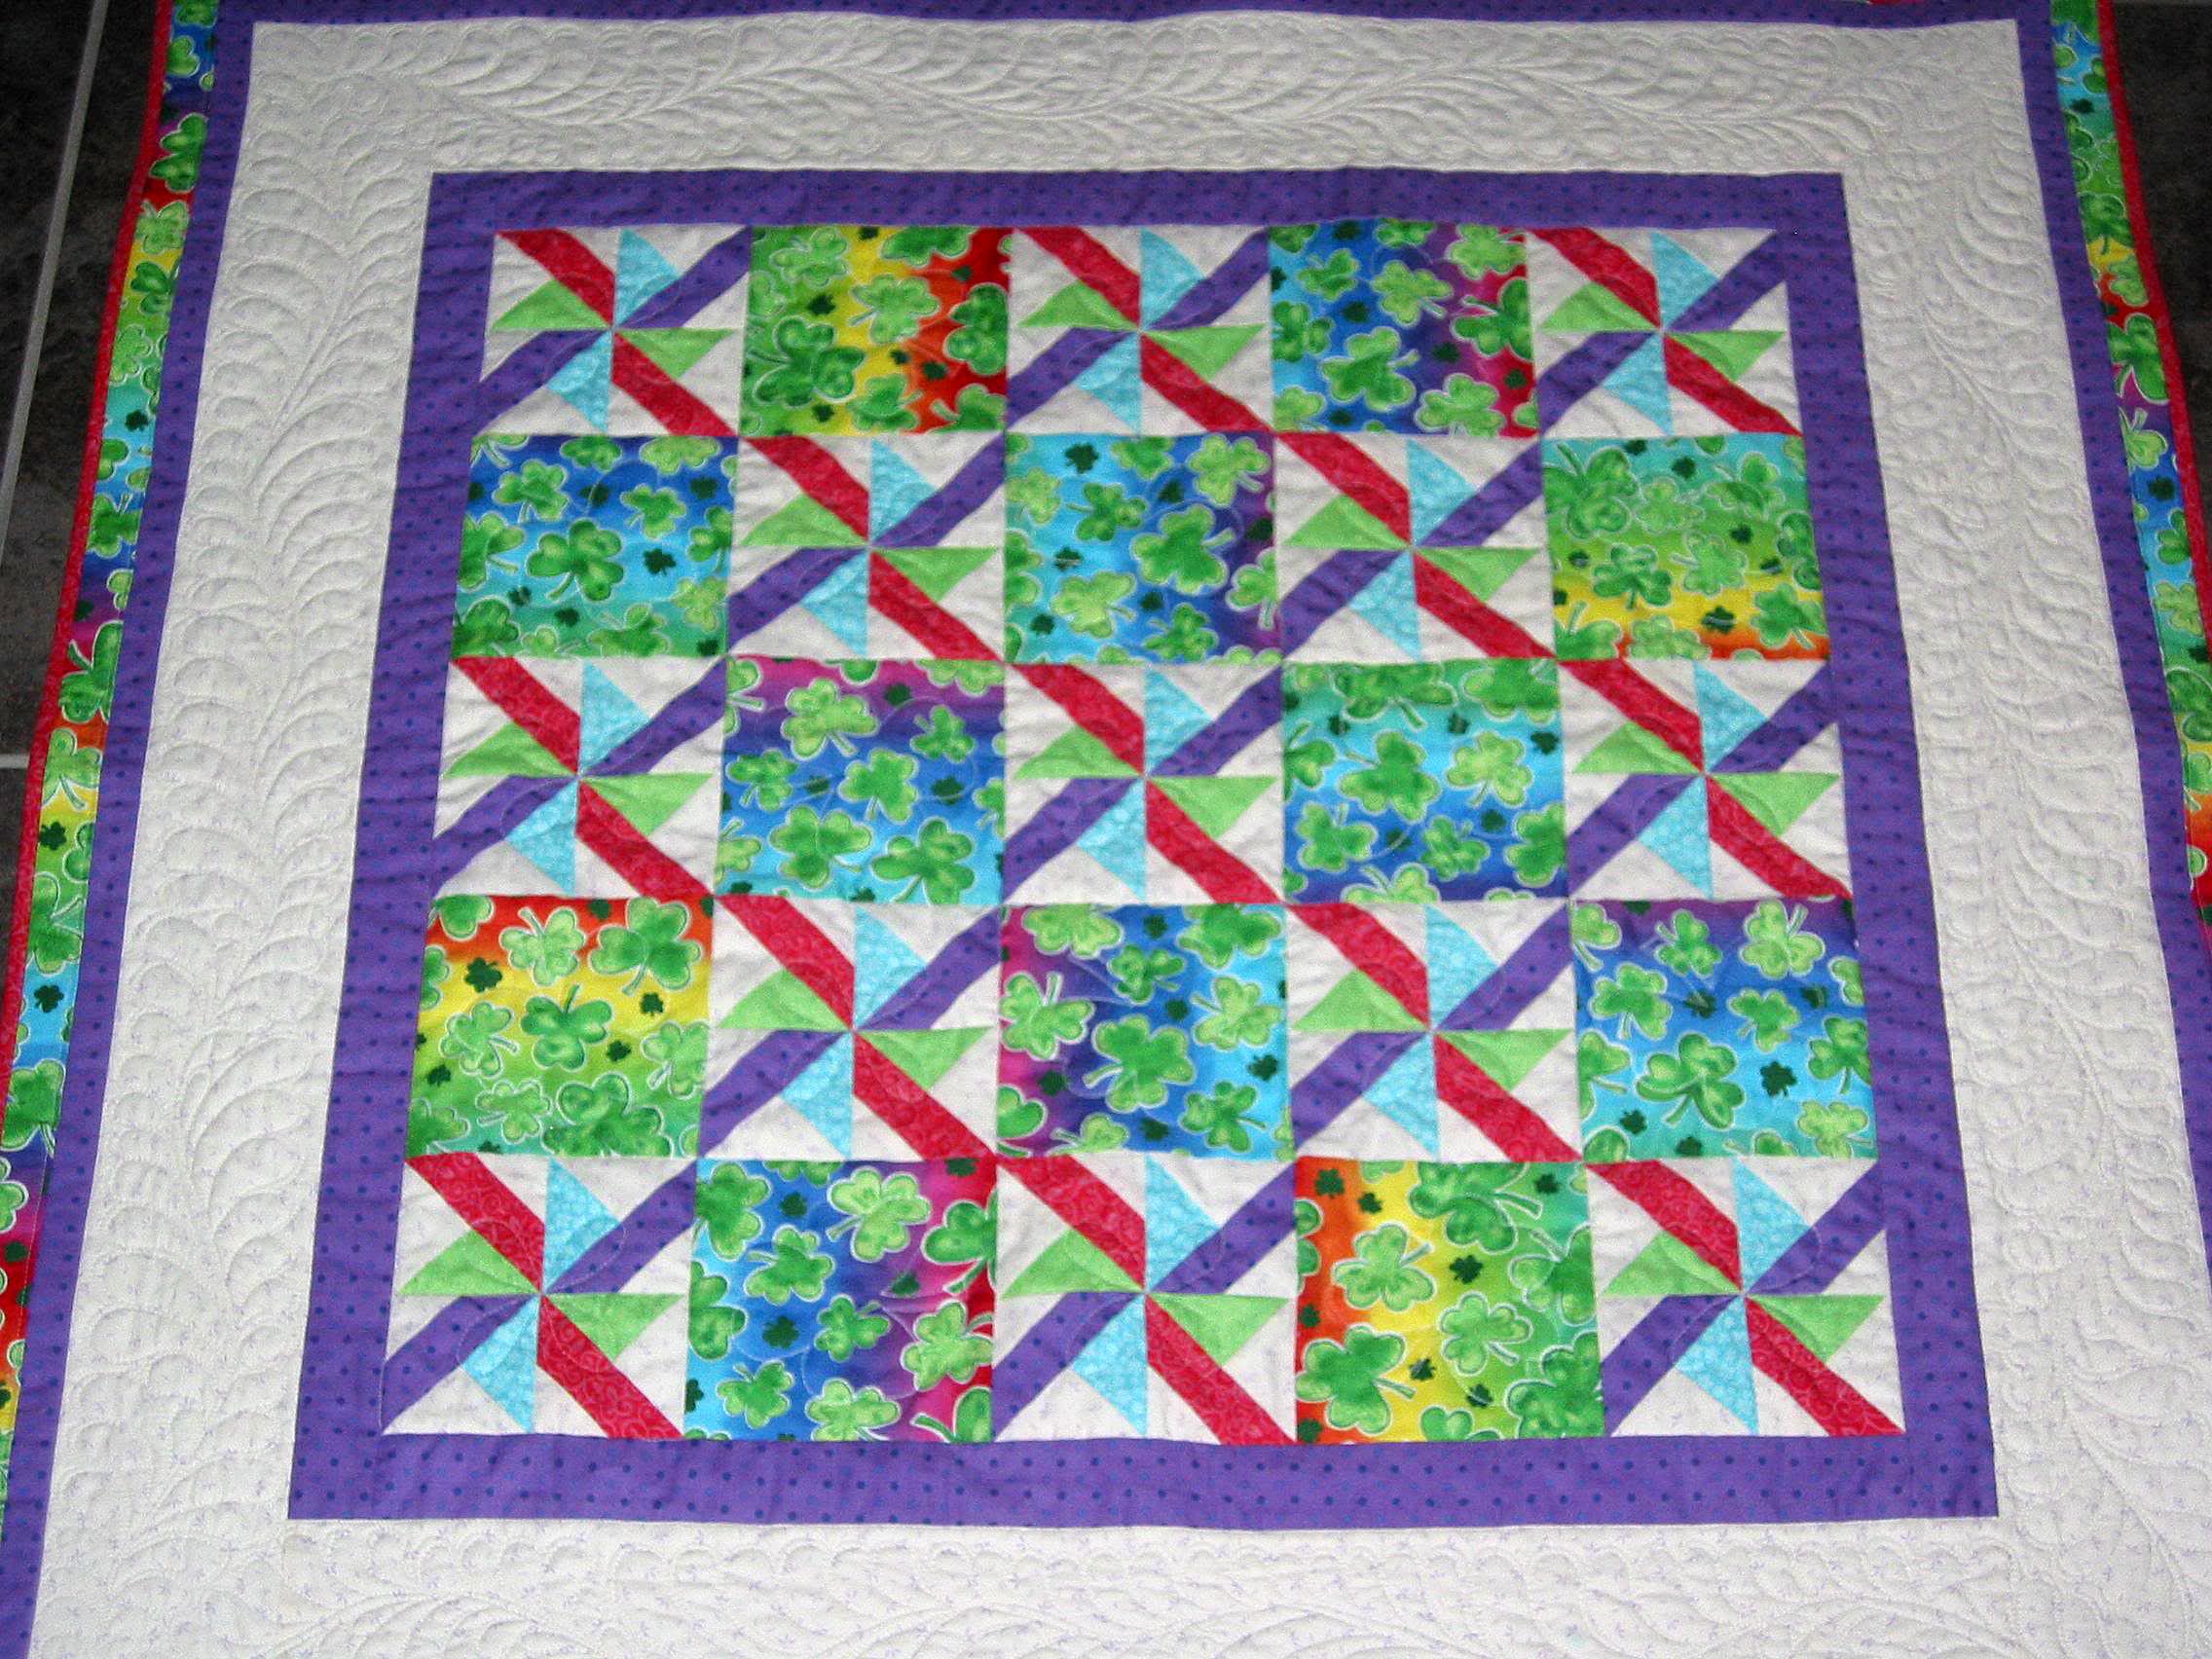 2008 Sep Elizabeth's Shamrock Quilt 2462566210047695897momfjQ_fs.jpg